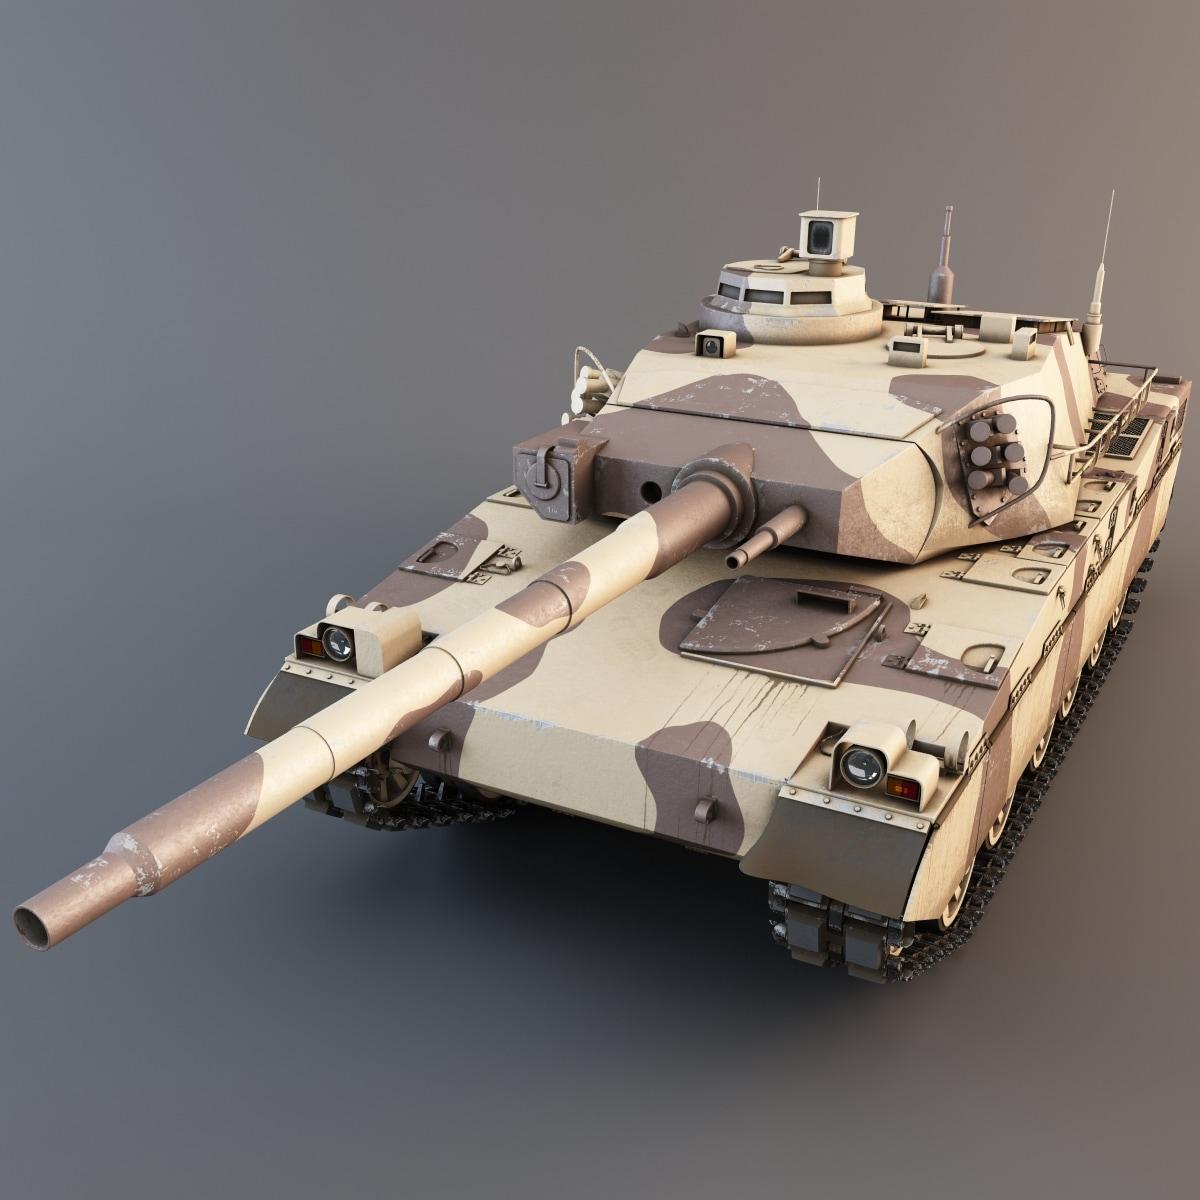 amx-40 french main battle tank 3d 3ds